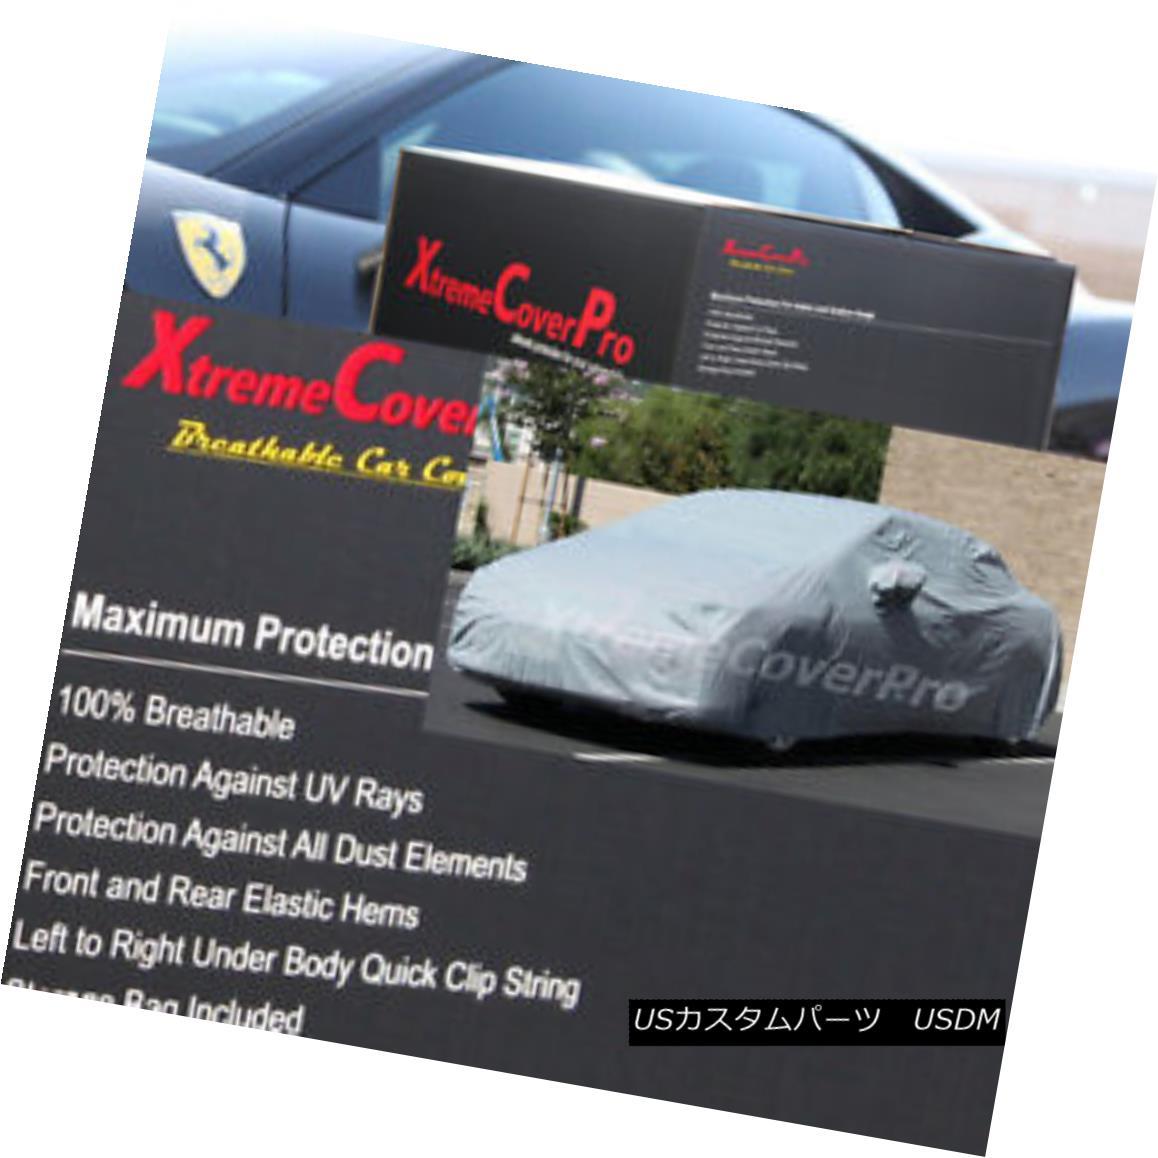 カーカバー 1988 1989 1990 Chevy Cavalier Coupe Breathable Car Cover w/MirrorPocket 1988年1989年1990年シボレー・キャバリア・クーペ通気性車カバー付き/ MirrorPocket